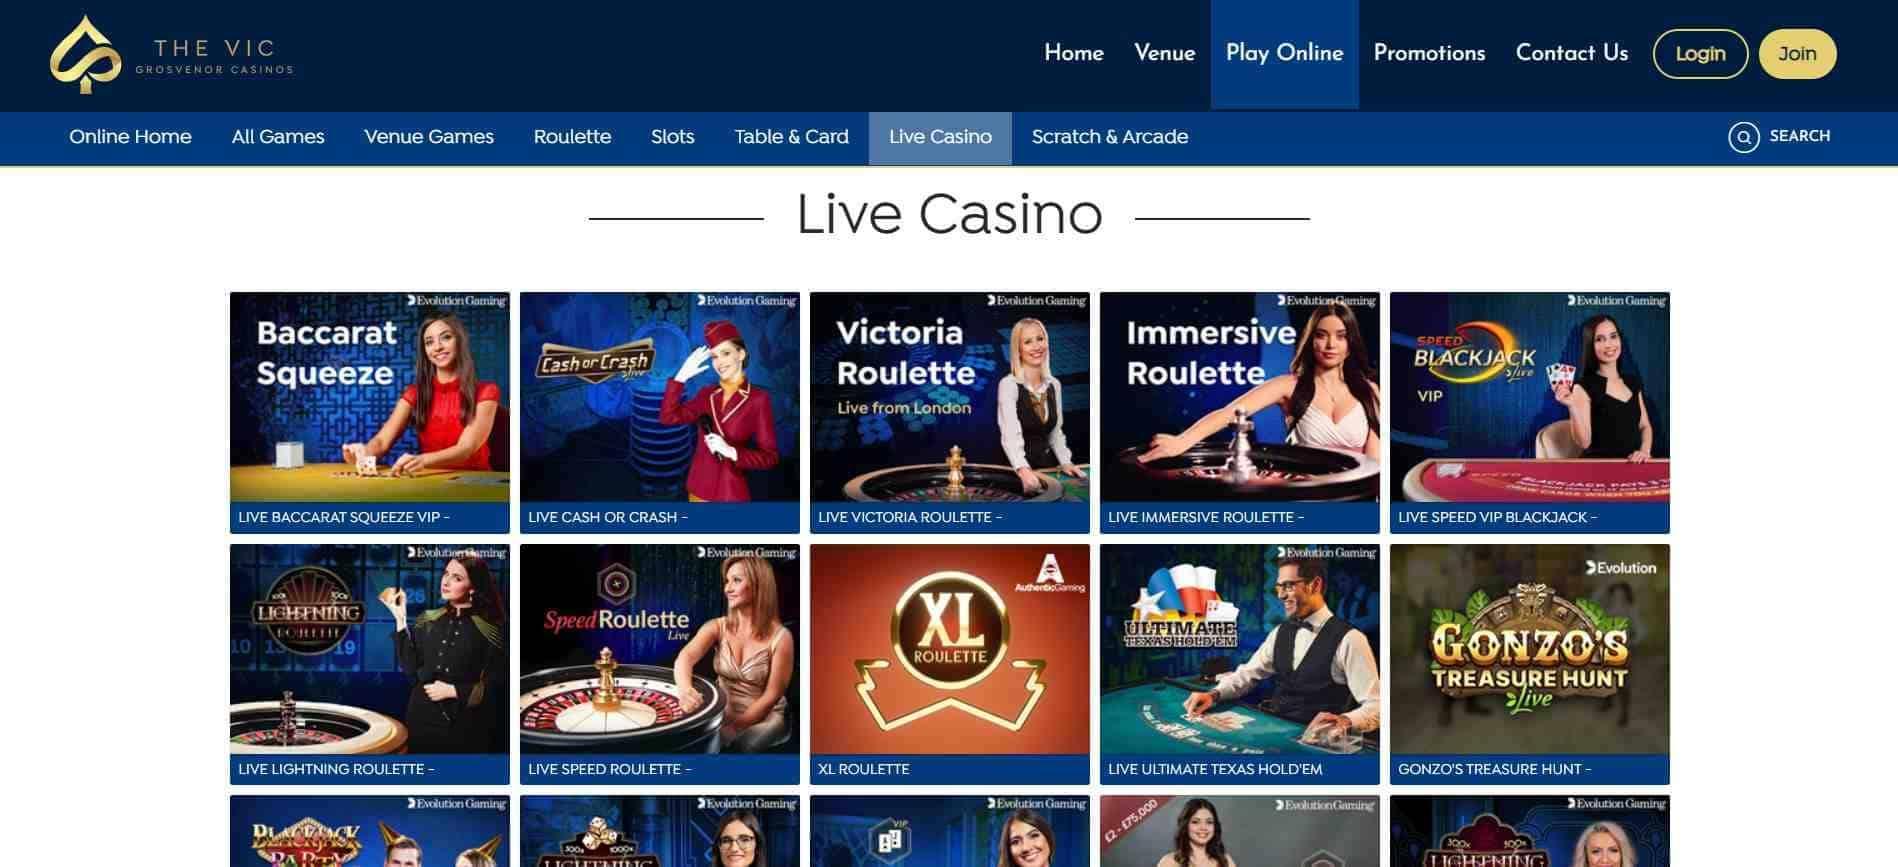 The Vic Casino Live Casino